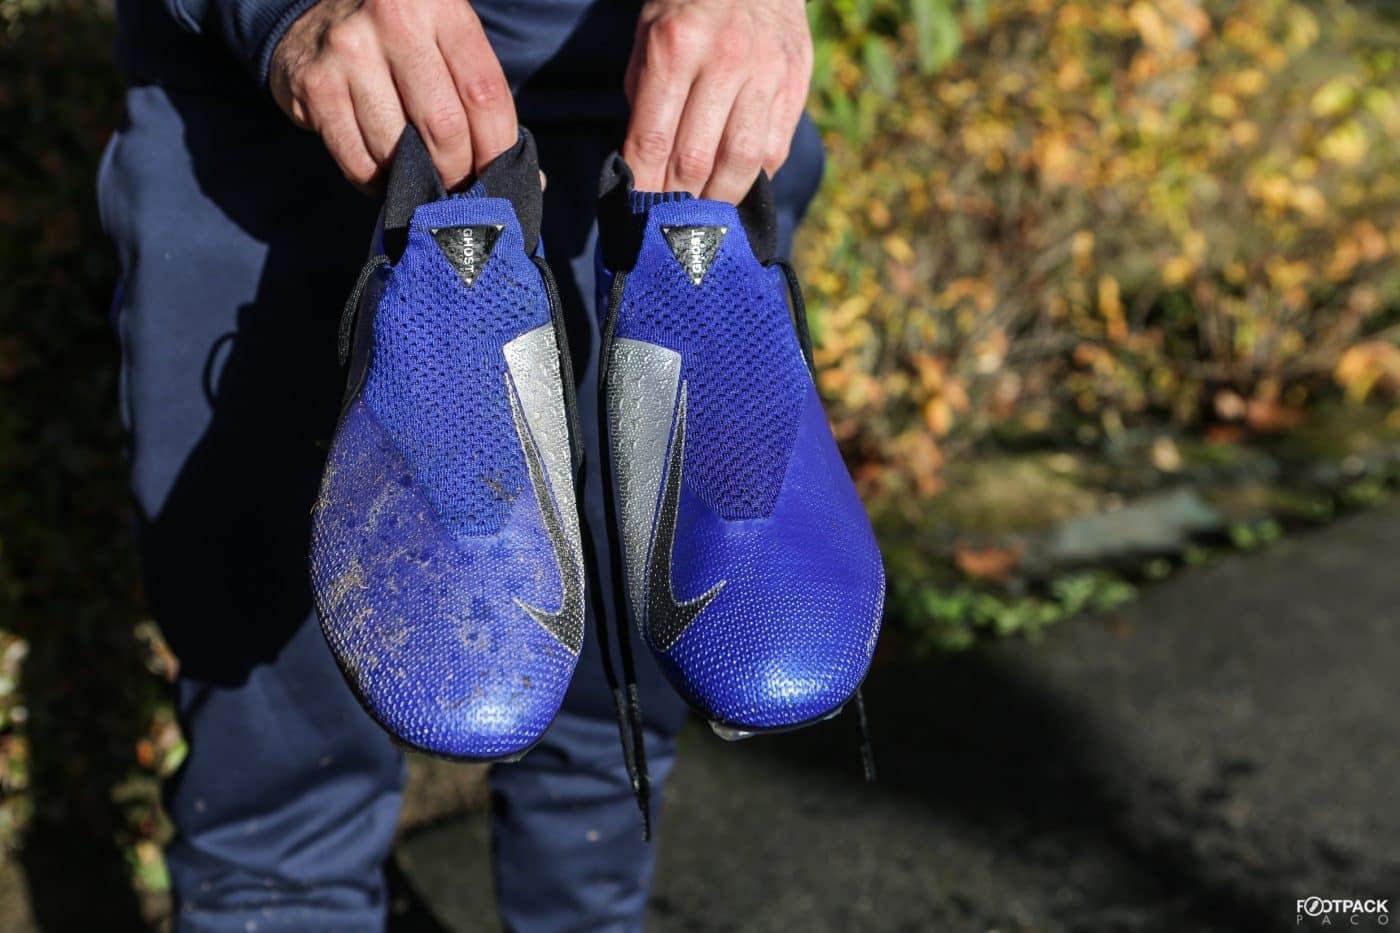 brosse-tiraka-comment-nettoyer-ses-chaussures-de-football-footpack-6